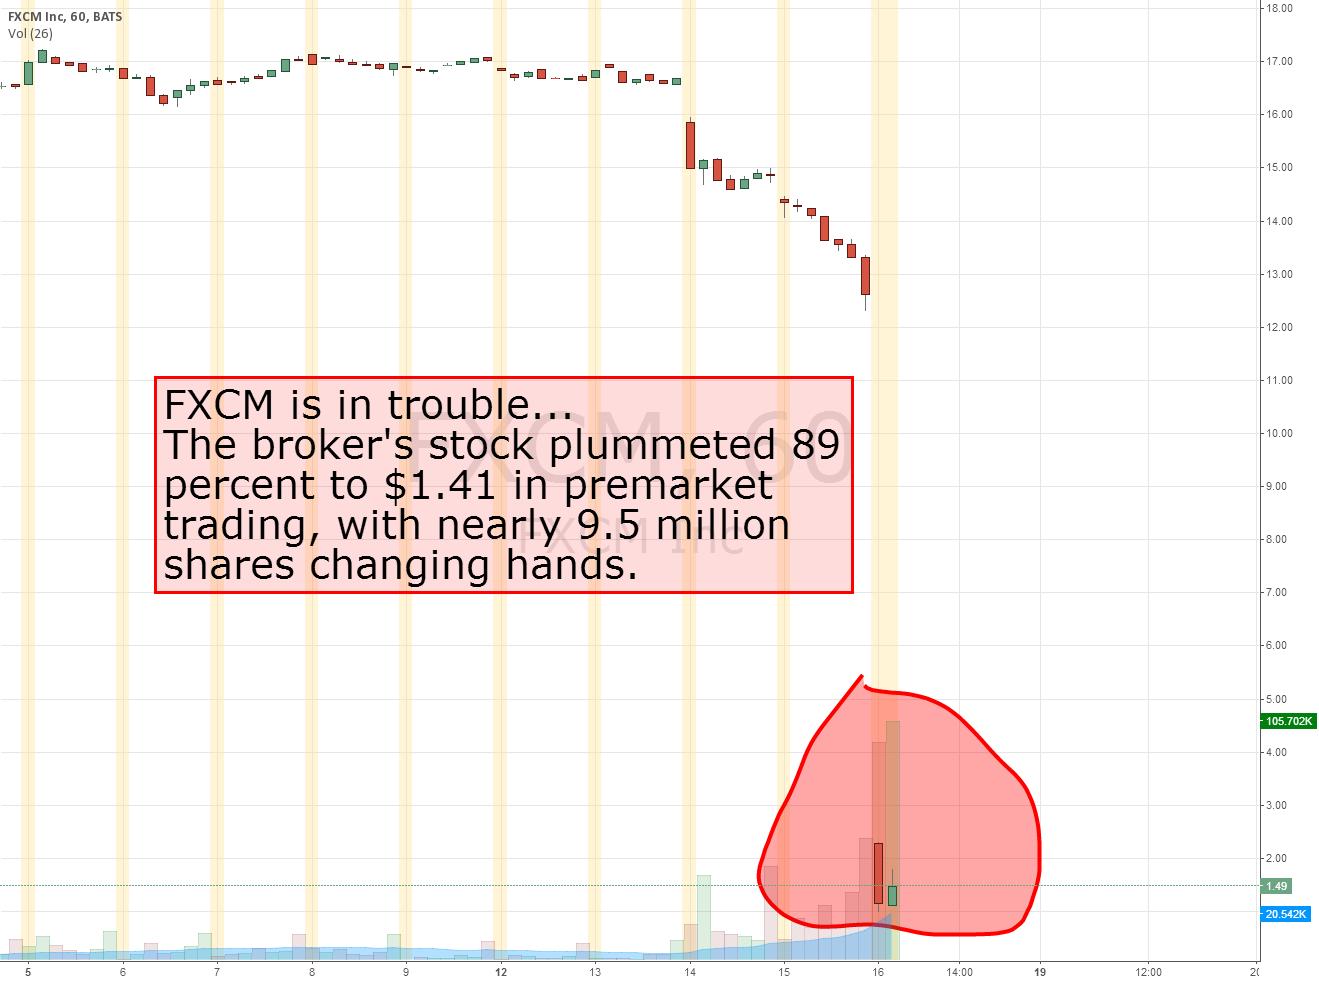 FXCM is in trouble...